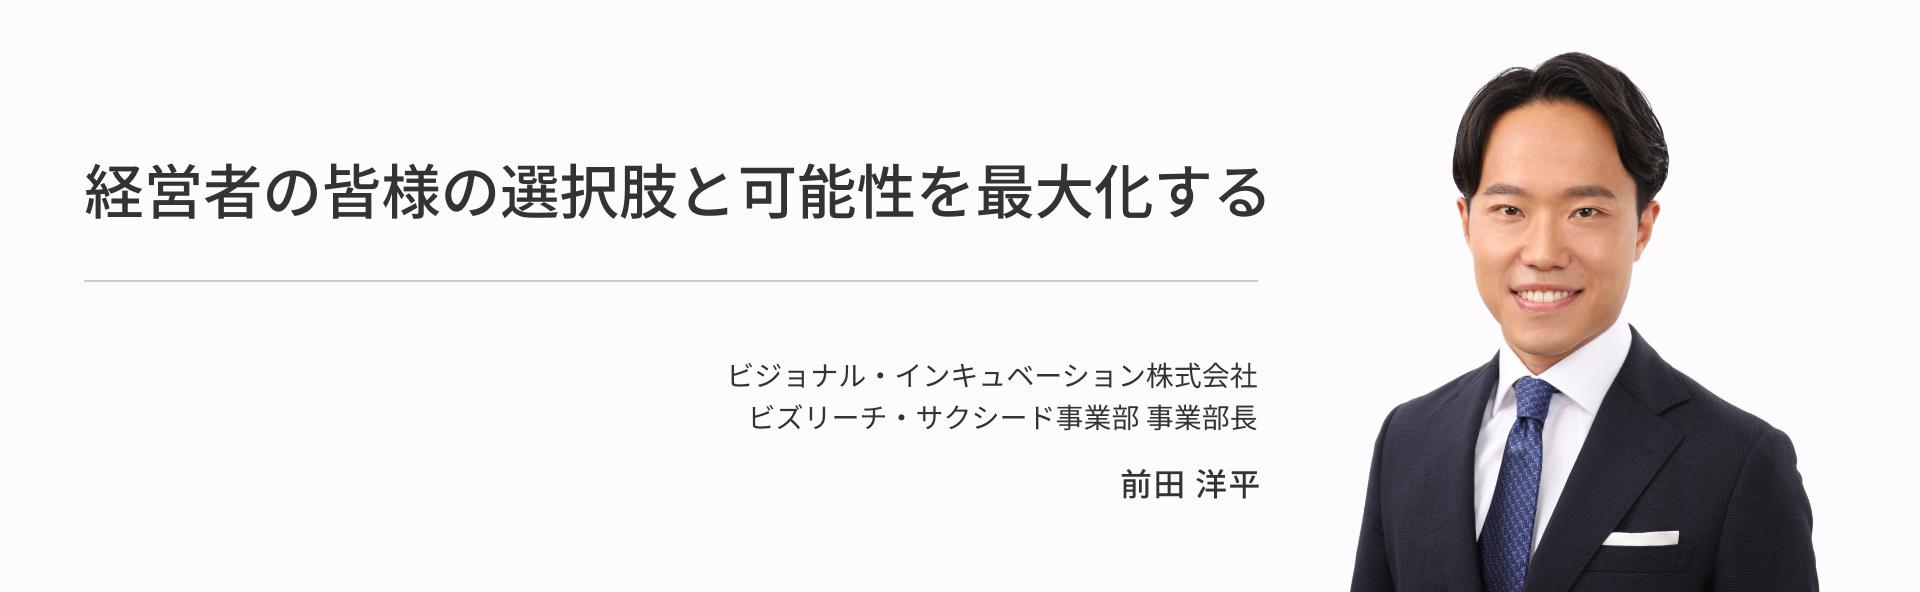 ビジョナル・インキュベーション株式会社 ビズリーチ・サクシード事業部事業部長 前田 洋平